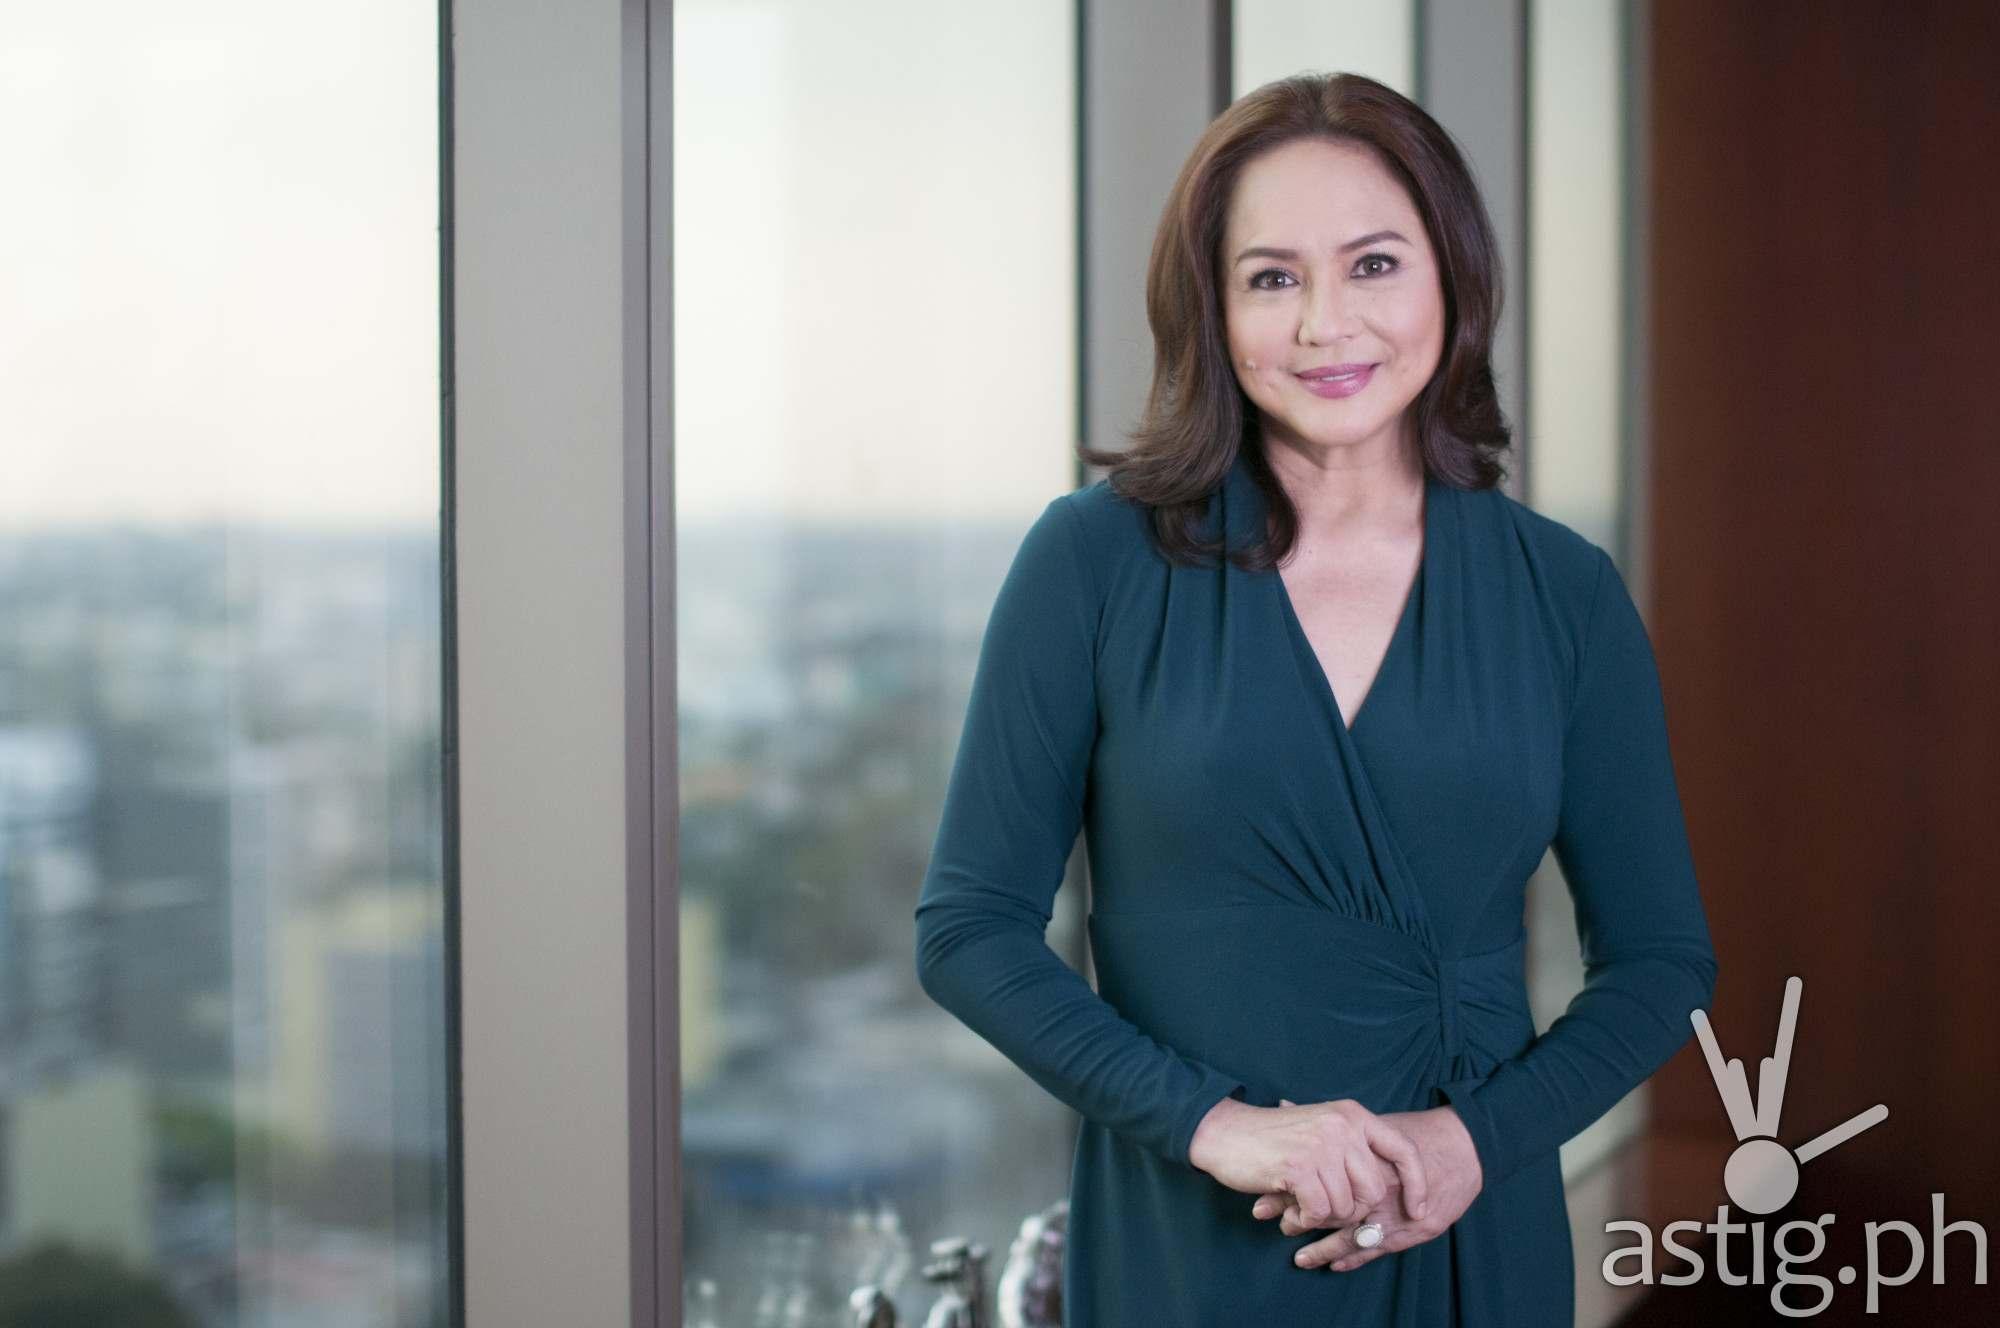 ABS-CBN President and CEO Charo Santos-Concio